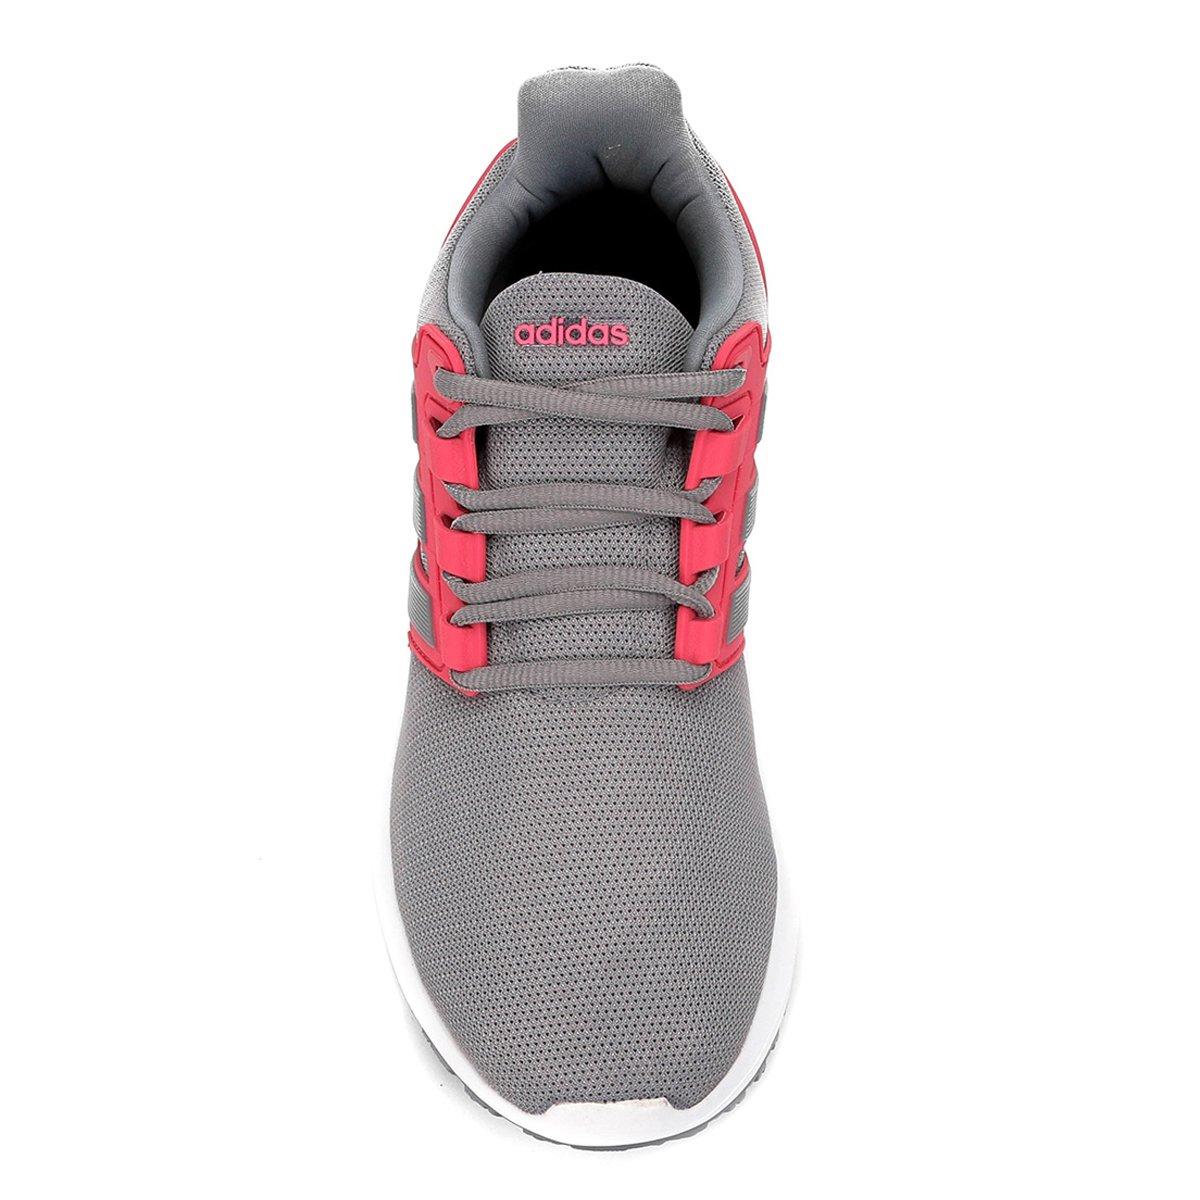 Tênis Adidas Energy Cloud 2 Feminino - Cinza e Rosa - Compre Agora ... ce2aac186ed0a